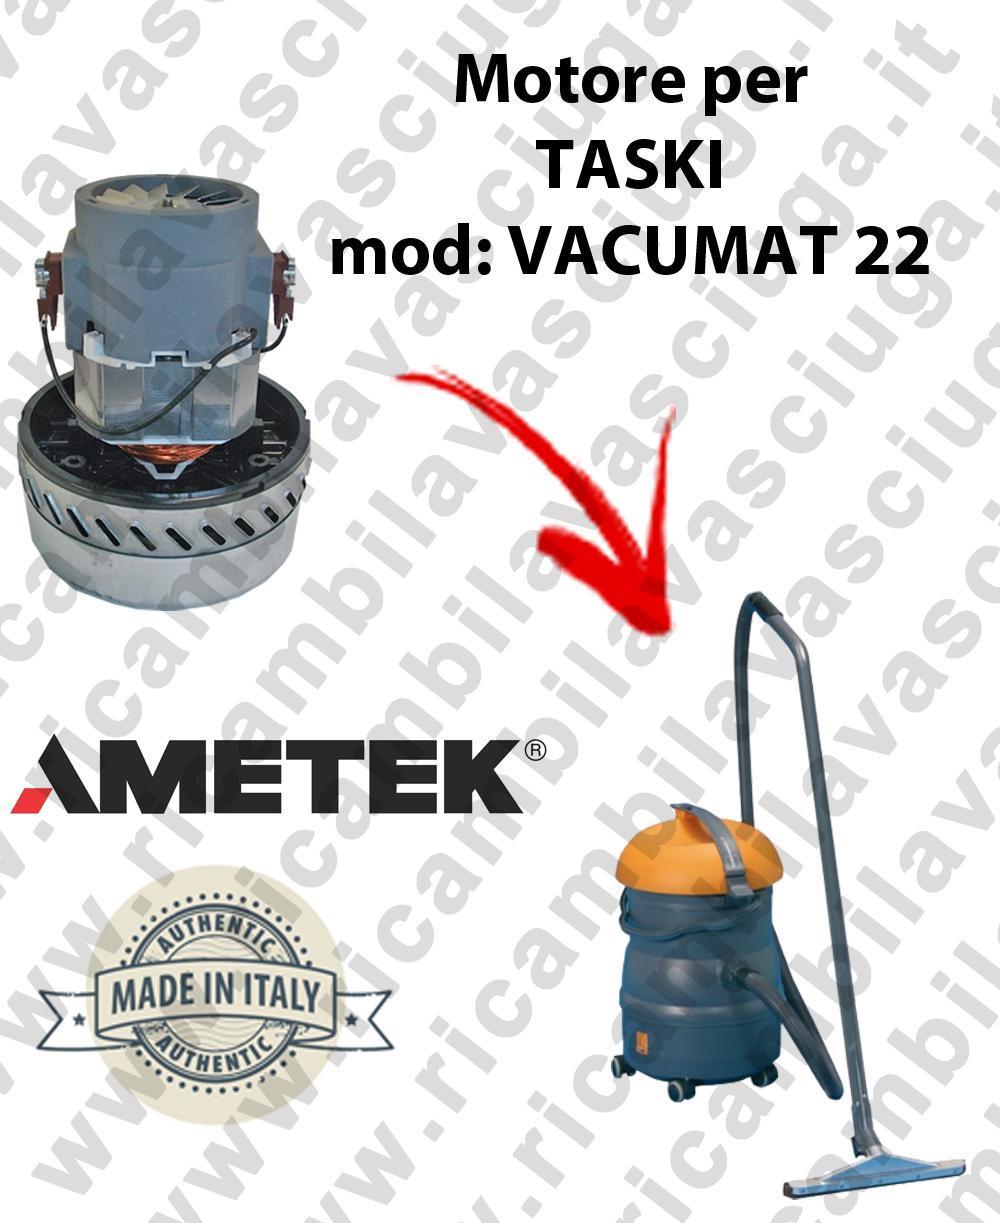 VACUMAT 22 Motore de aspiración AMETEK para aspiradora y aspiradora húmeda TASKI